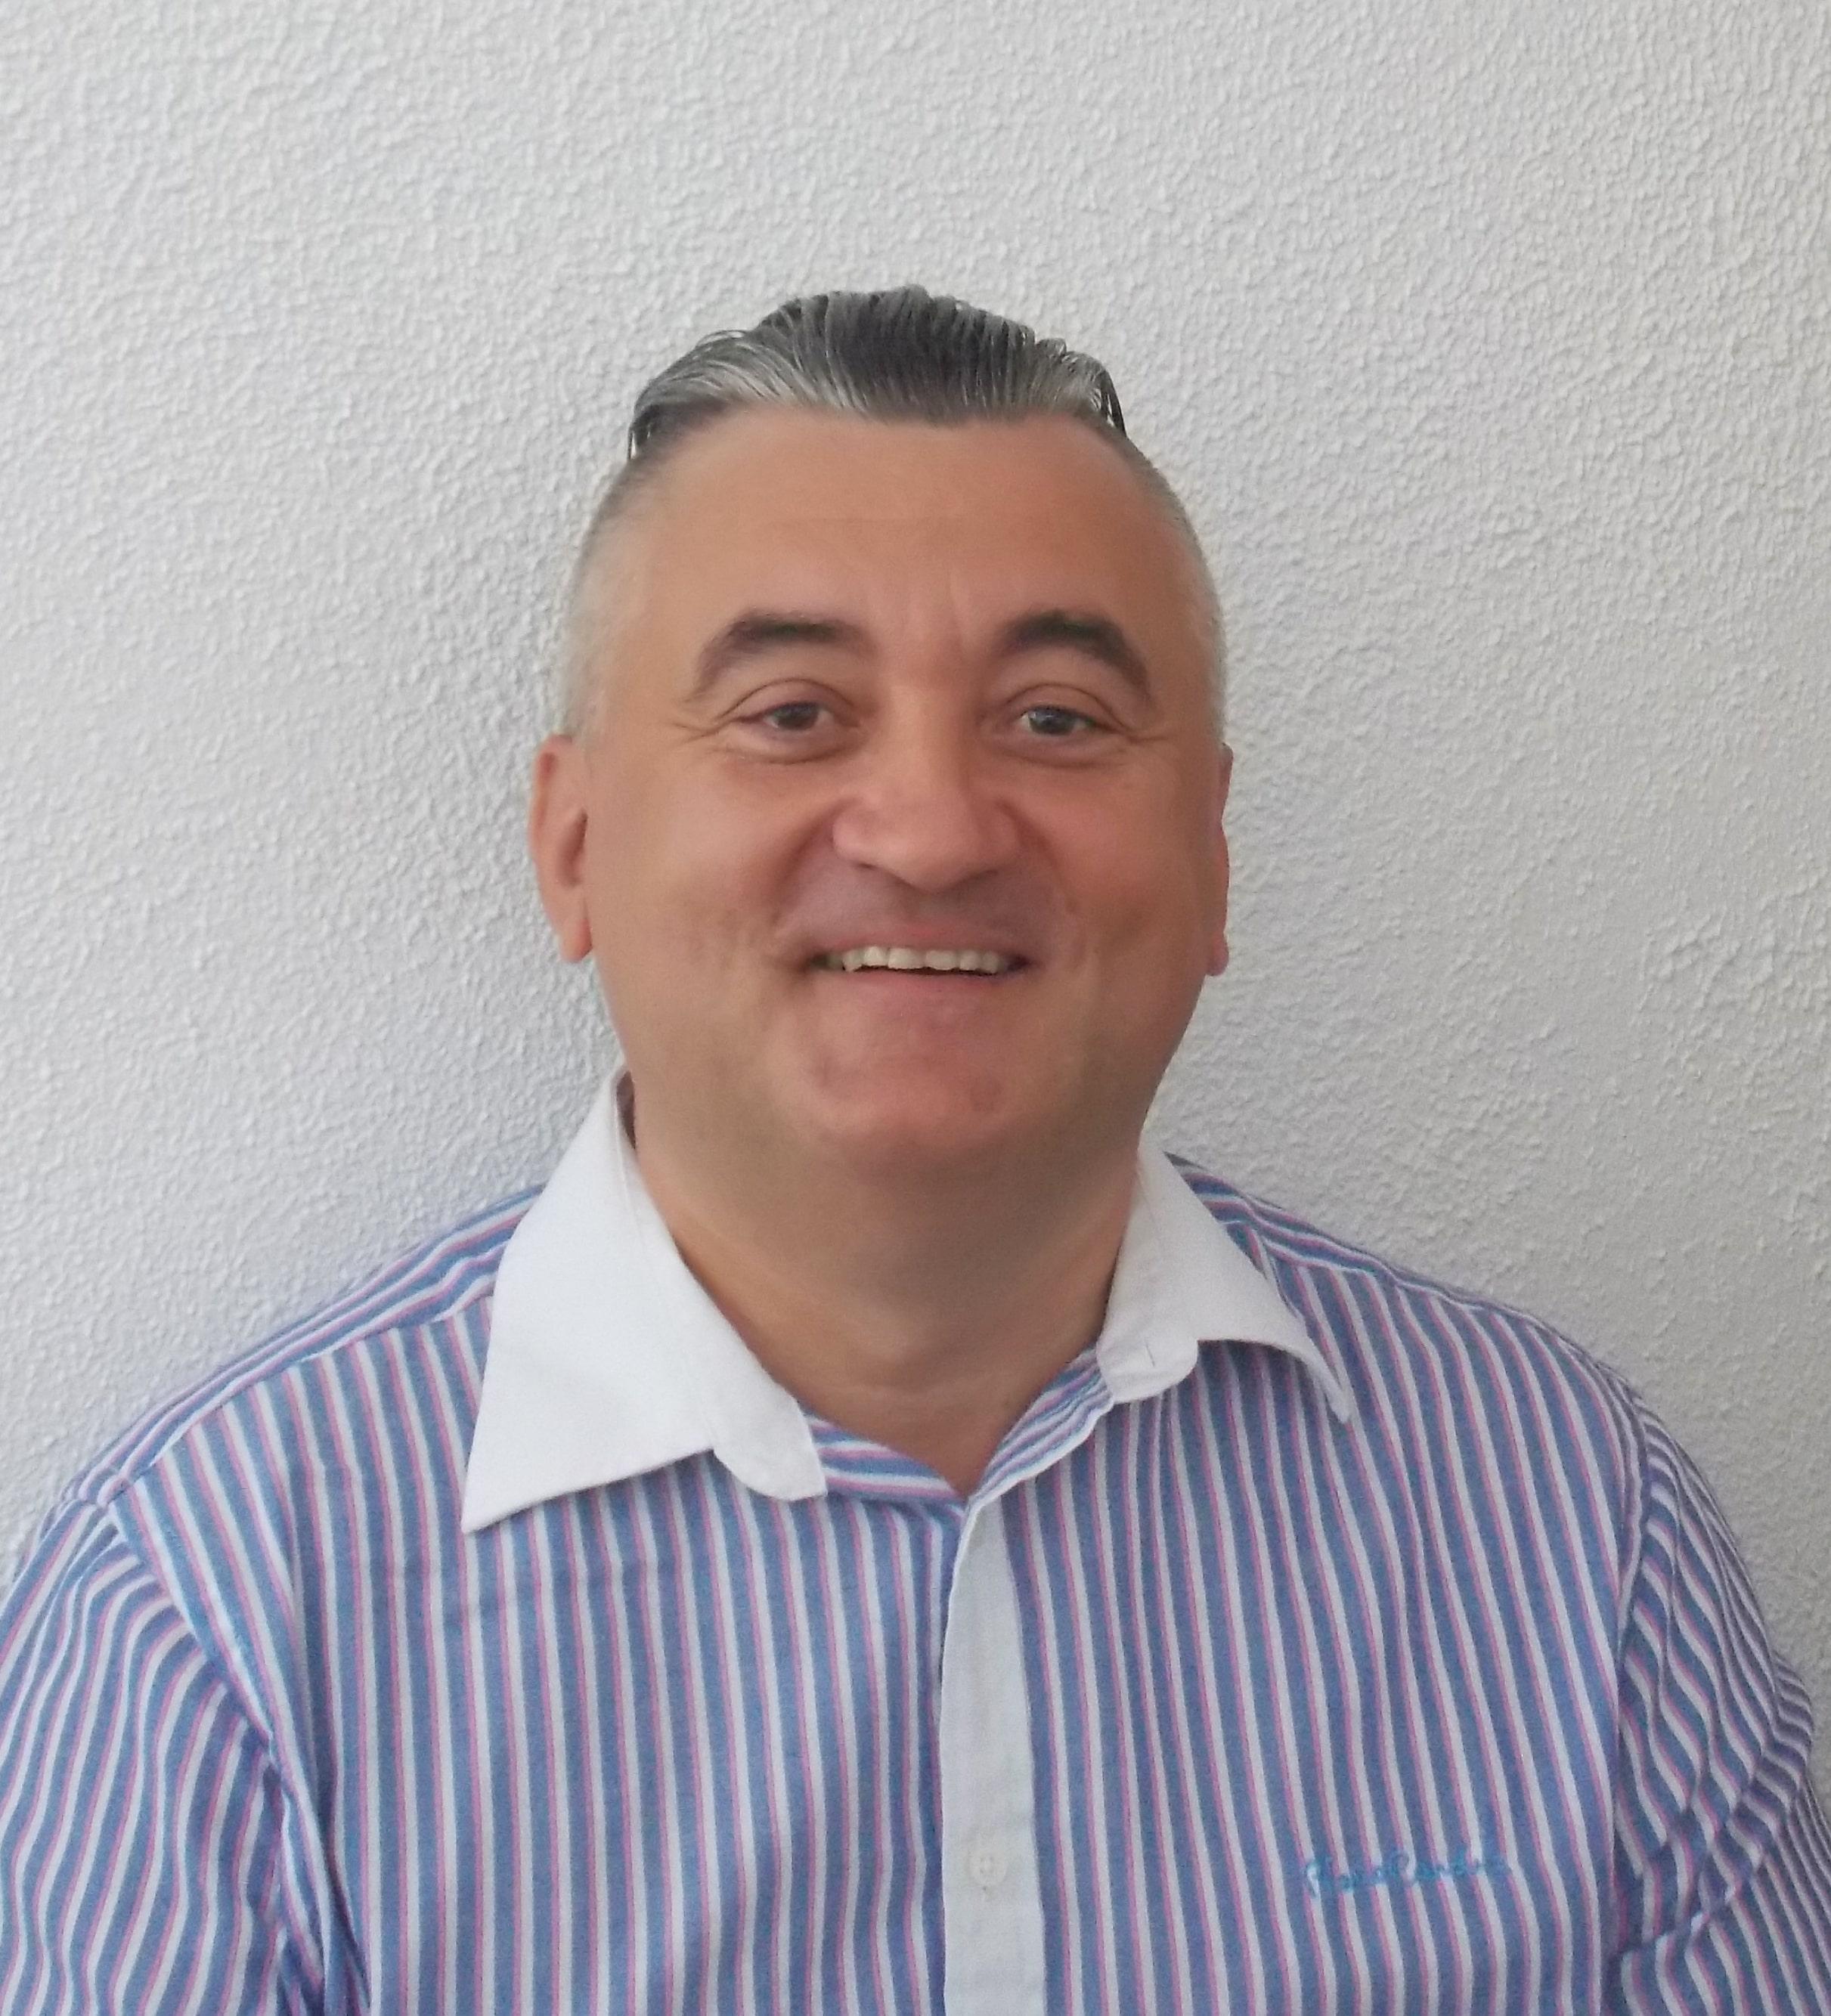 Krzysztof Karolczuk